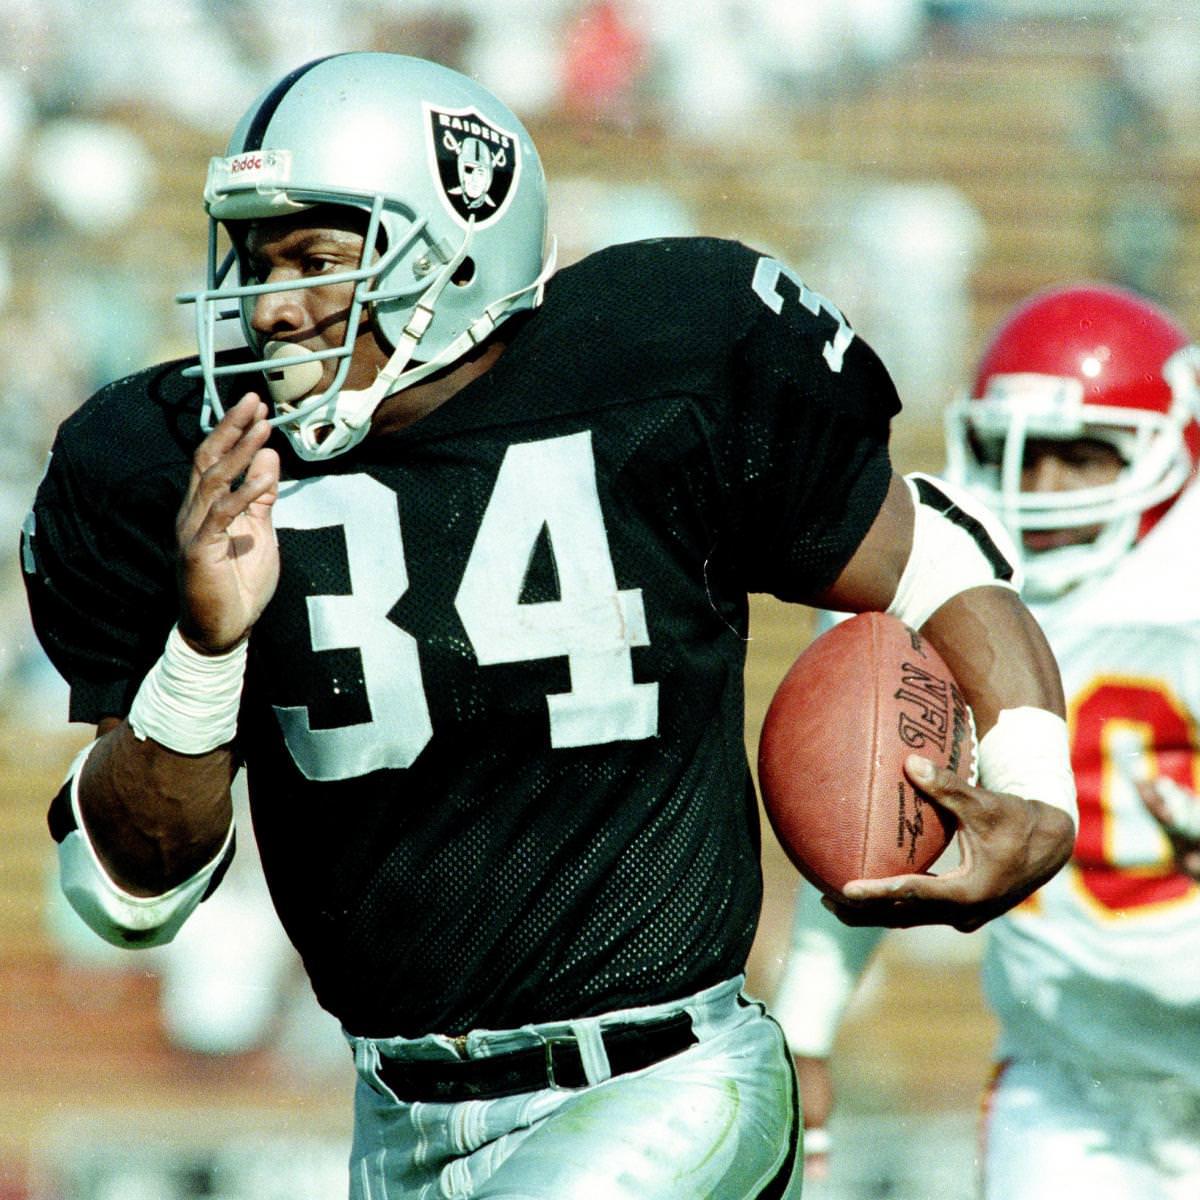 Bo Jackson diz que ele teria uma média de 350-400 jardas na NFL hoje por causa da má abordagem